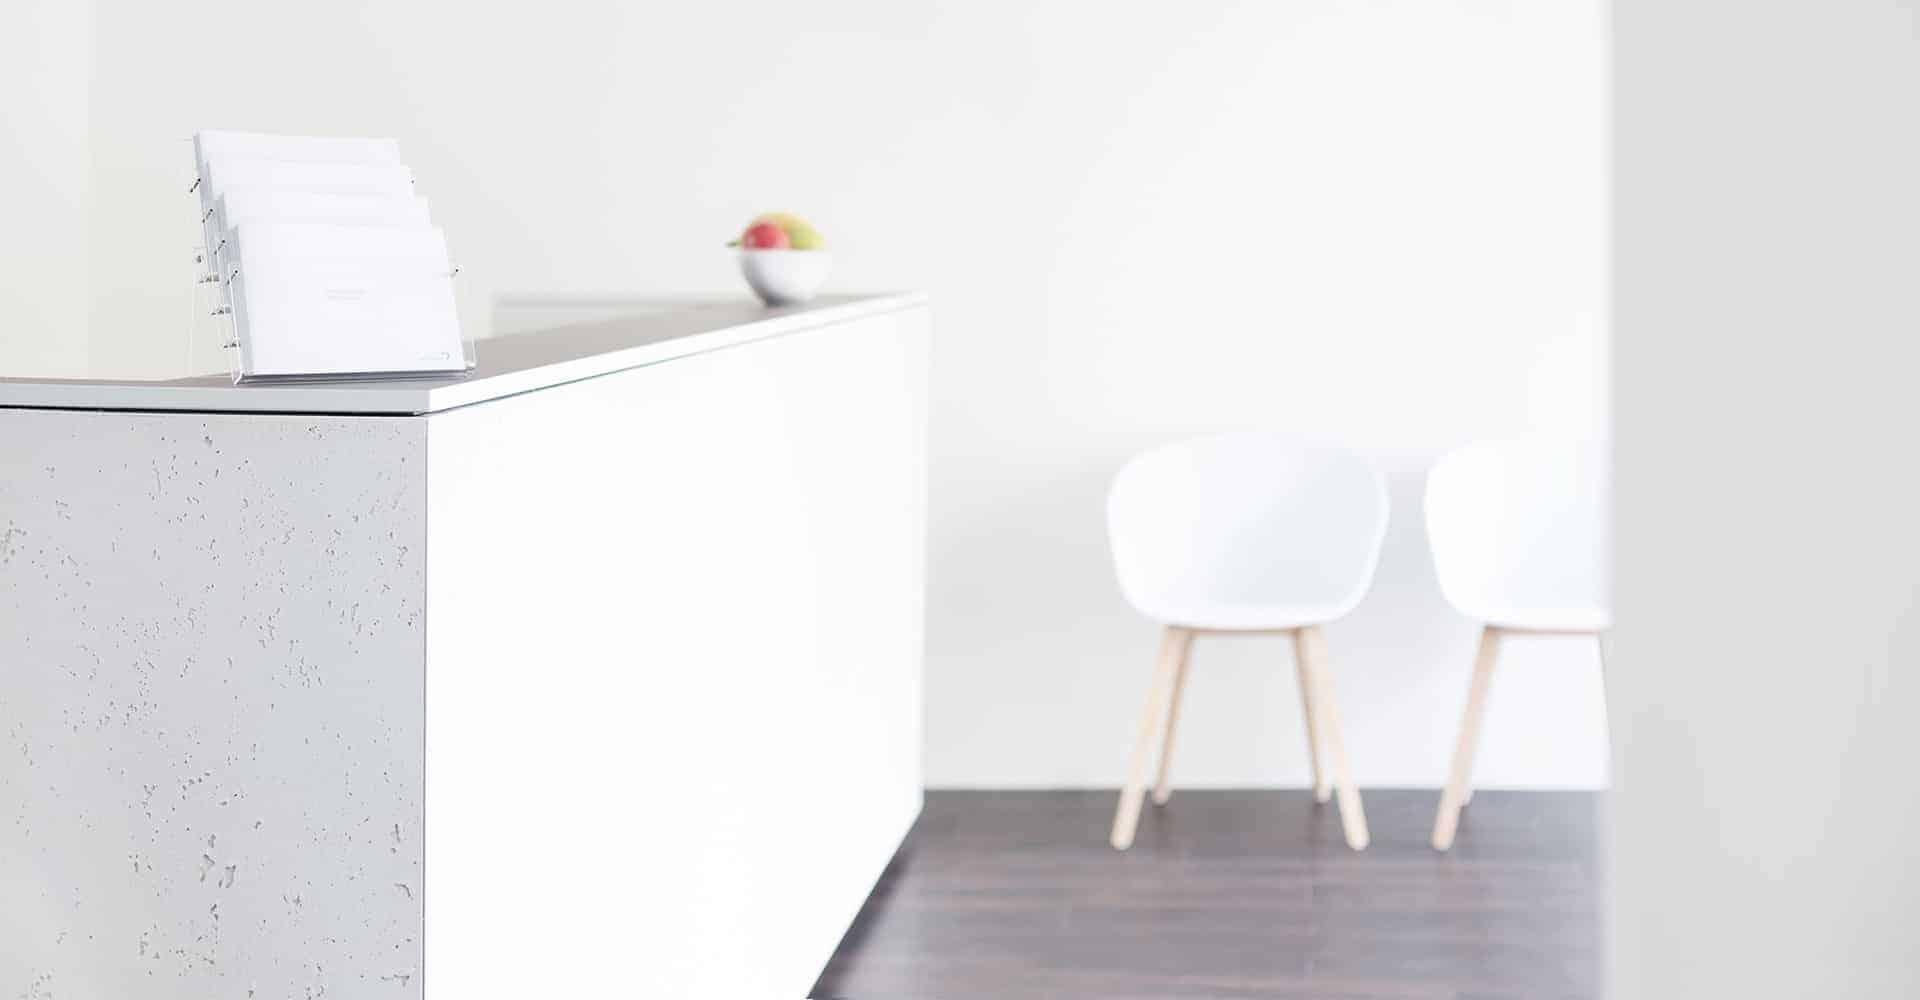 MEDNEO BERLIN | Mitten in Berlin etabliert diese Praxis ein komplett neues Konzept: Radiologen können im Rahmen eines Pay-per-Use Modells neueste MRT-Technik für kurze Zeiträume anmieten und somit eine extrem schnelle Terminvergabe ermöglichen. Für hohen Patientenkomfort sind nicht nur Lage und Ausstattung entscheidend: Während intelligent angeordnete Umkleideräume eine kontinuierliche Patientenbetreuung garantieren, kann das Personal mittels flexibel nutzbarer Arztzimmer und praktischer Details, wie mobilen Aktenschränken, zielgerichtet agieren.